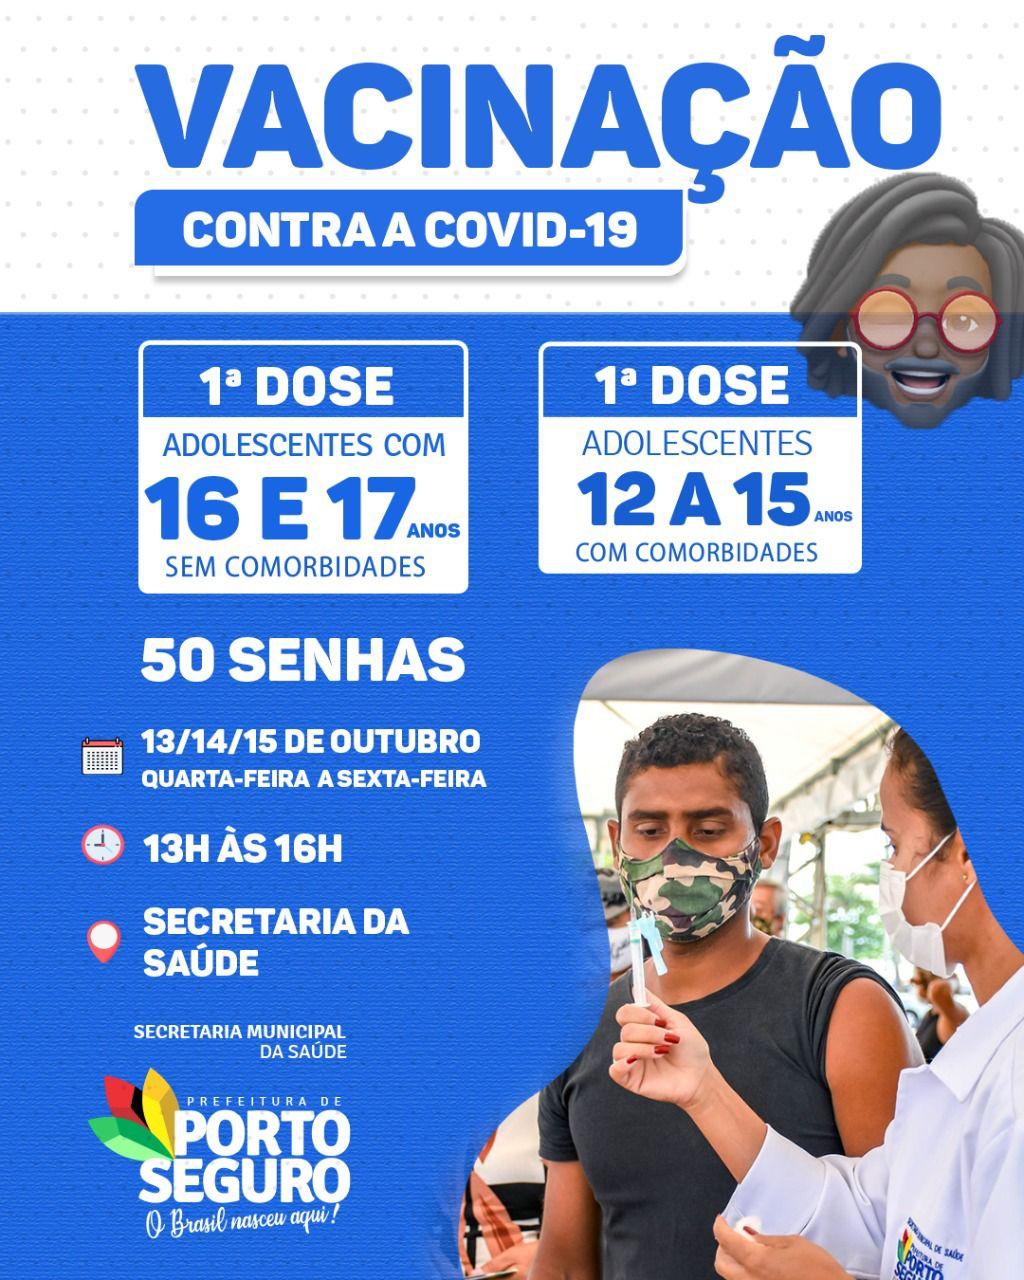 Porto Seguro: Cronograma de Vacinação contra a Covid-19; de 13 a 15/10 29